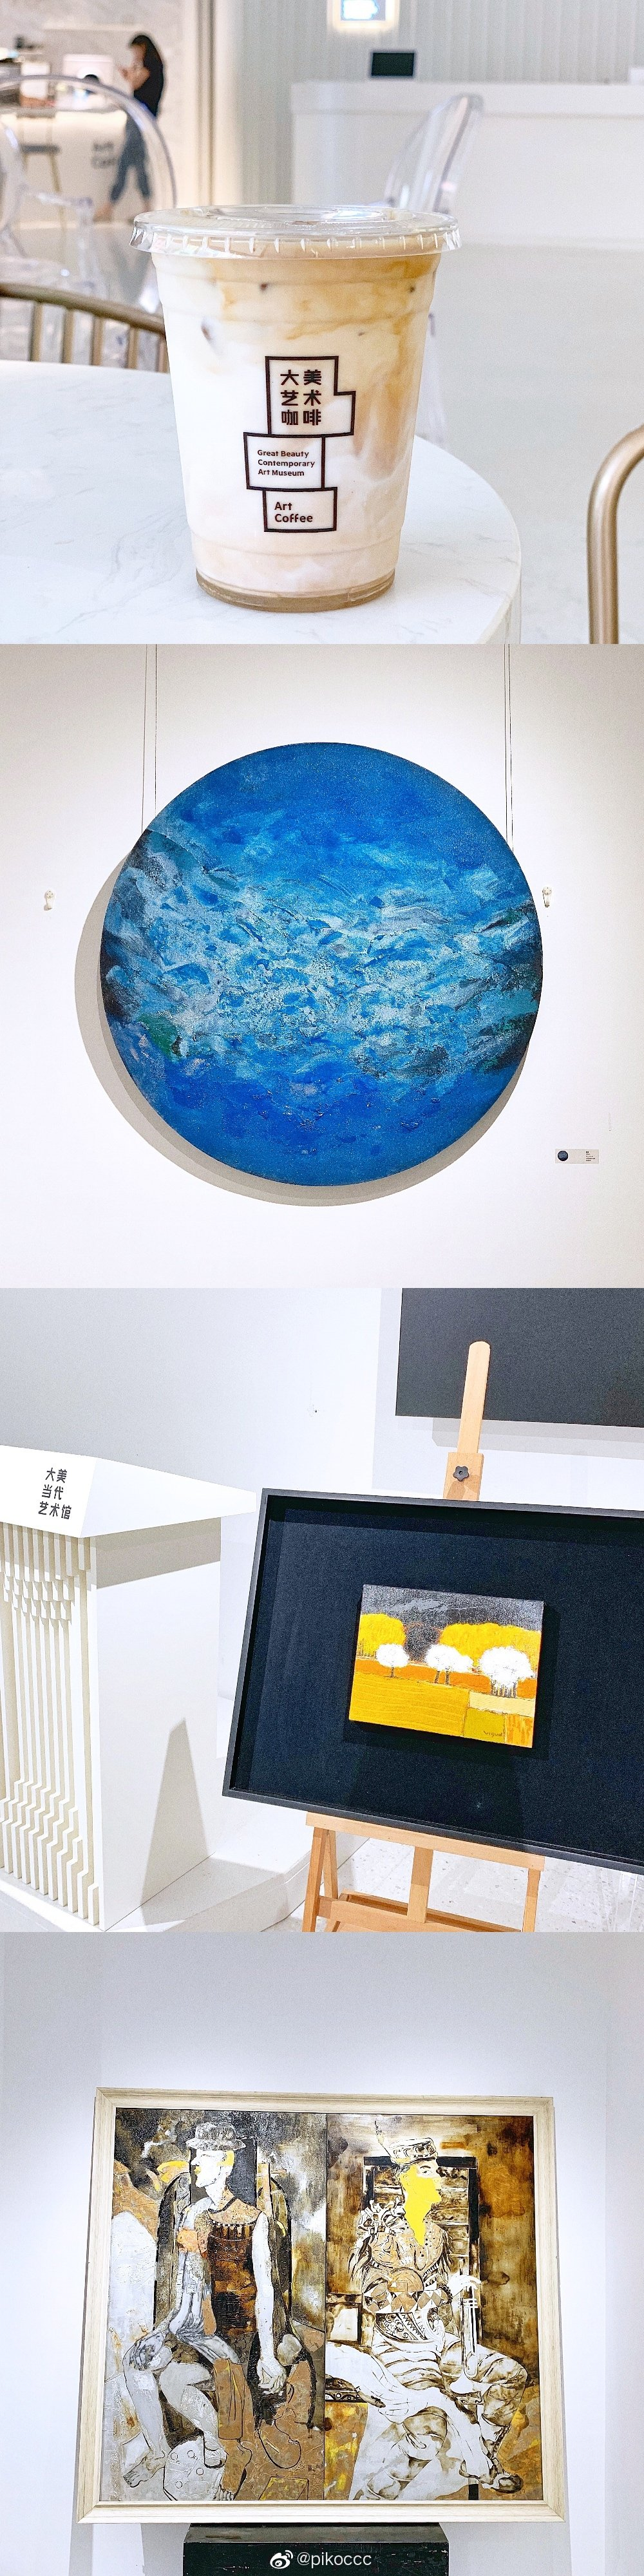 福建泉州看展的地方:大美当代艺术馆